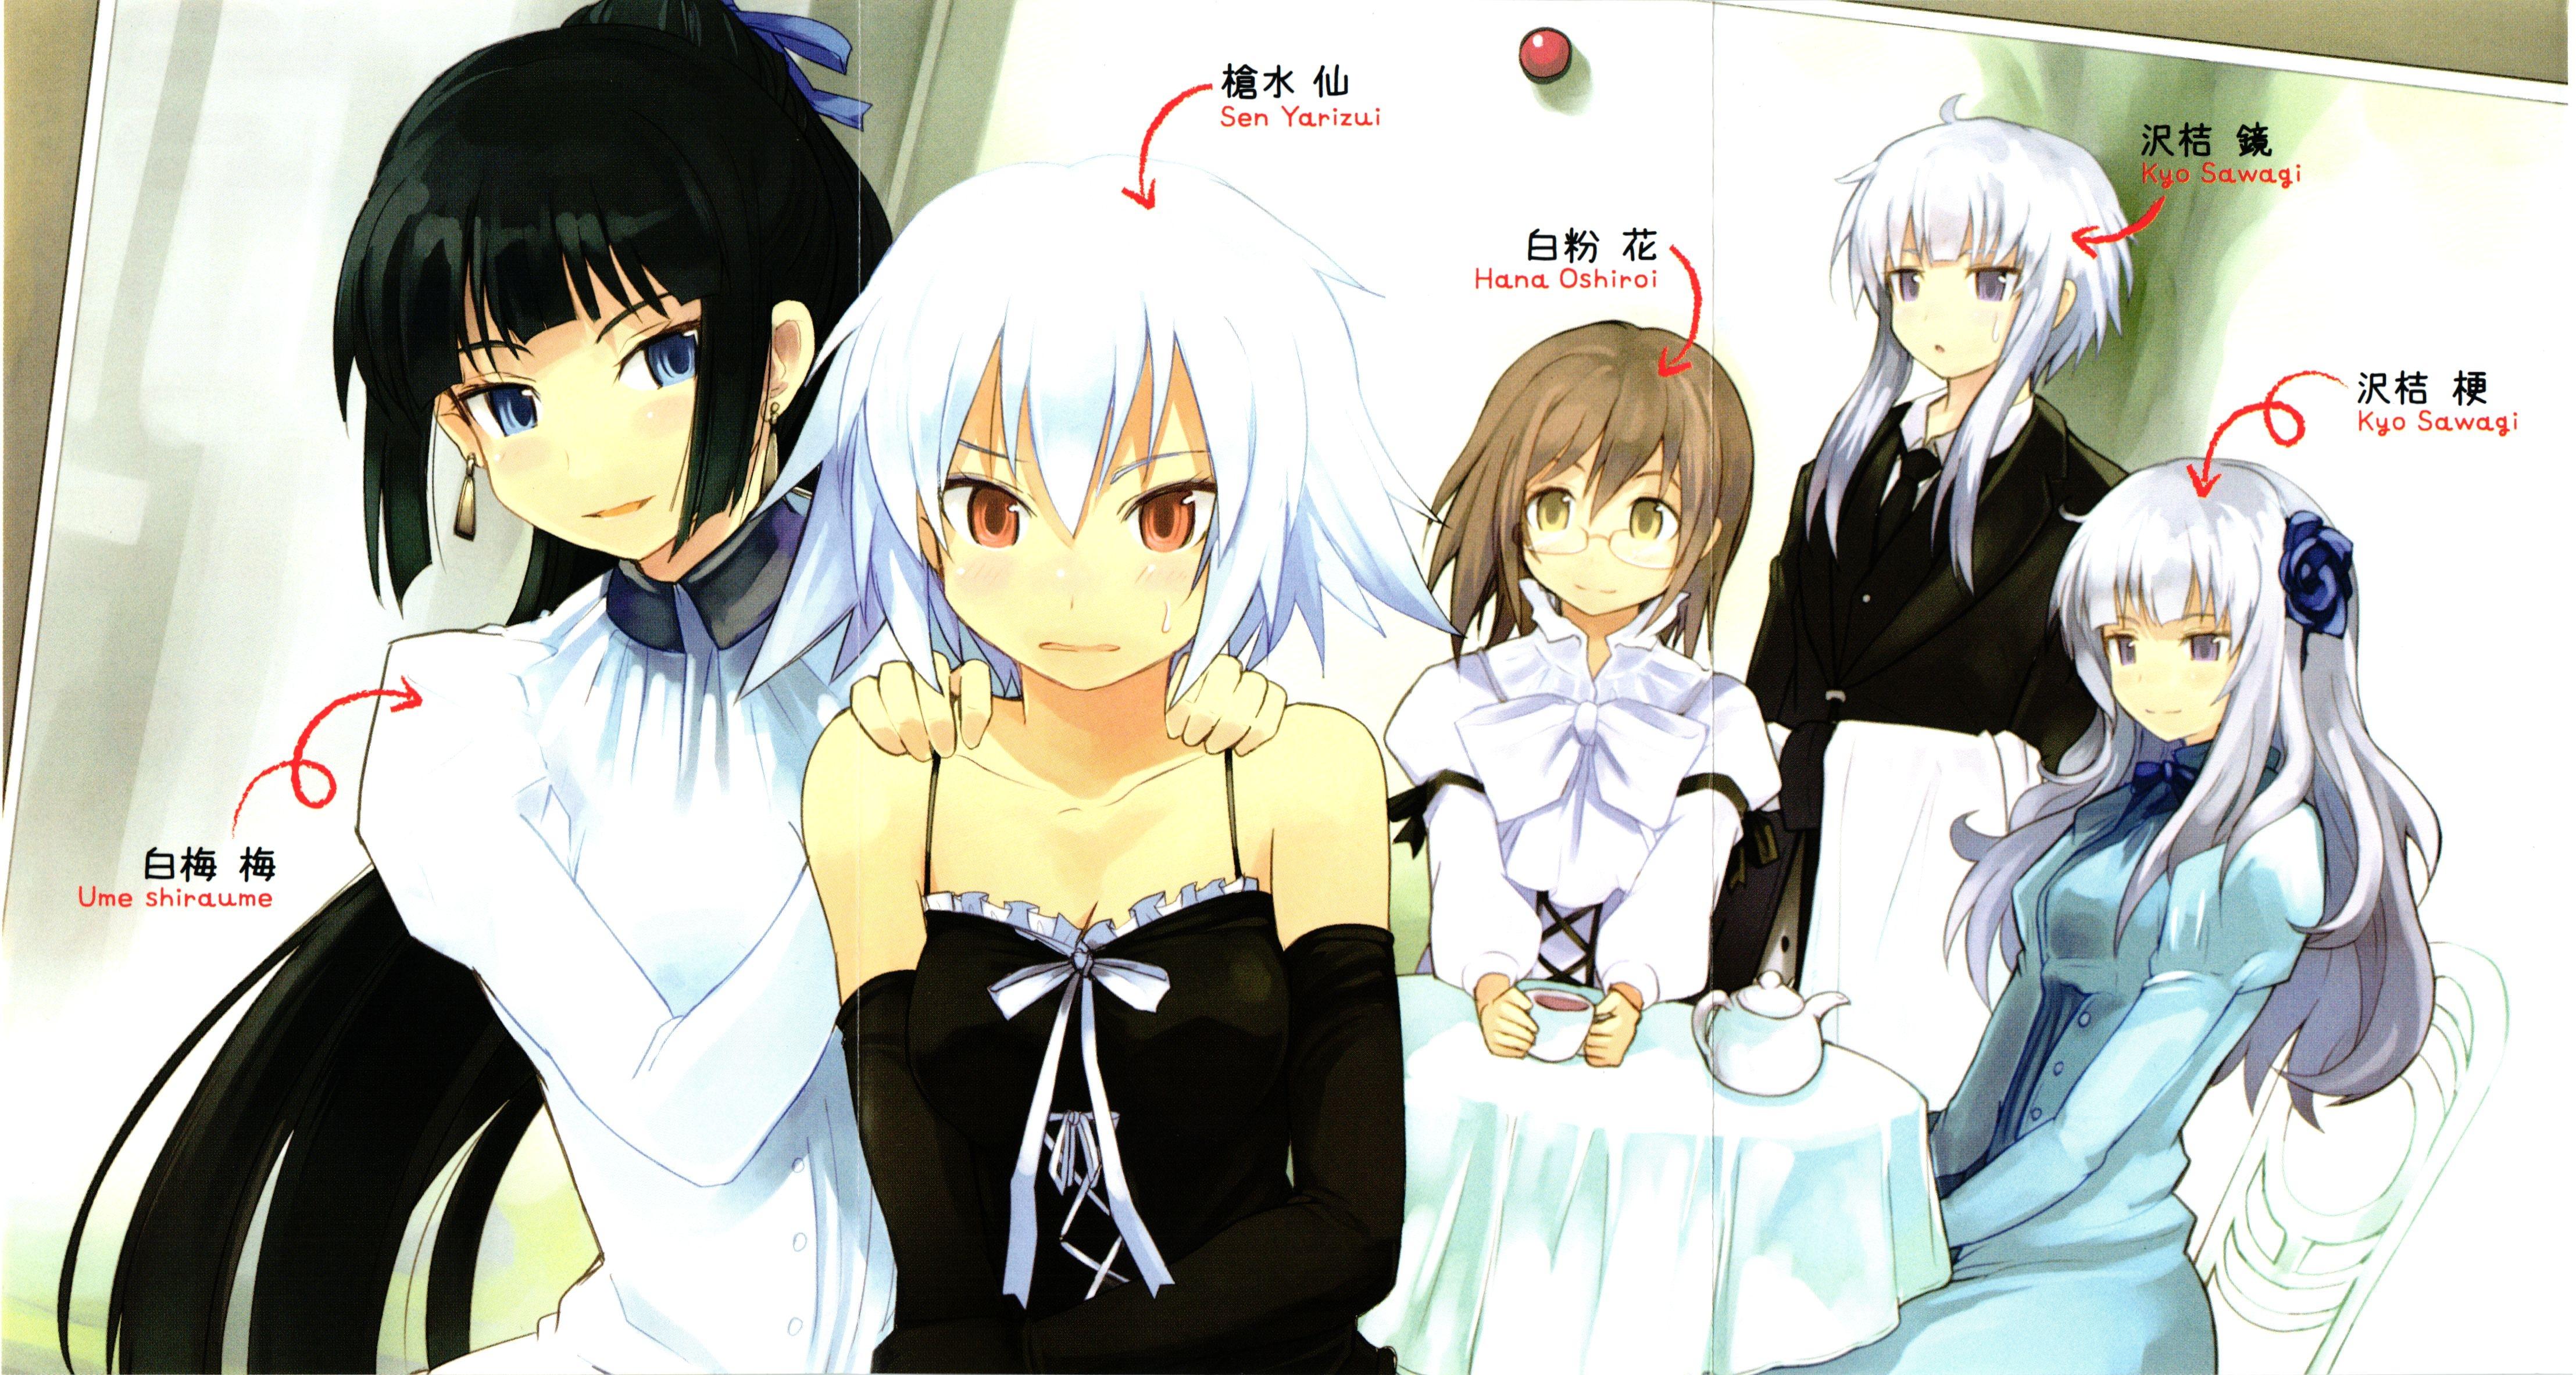 Ben-To (Kyo Sawagi (Elder), Kyo Sawagi (Younger), Sen Yarizui, Hana Oshiroi, Ume Shiraume)